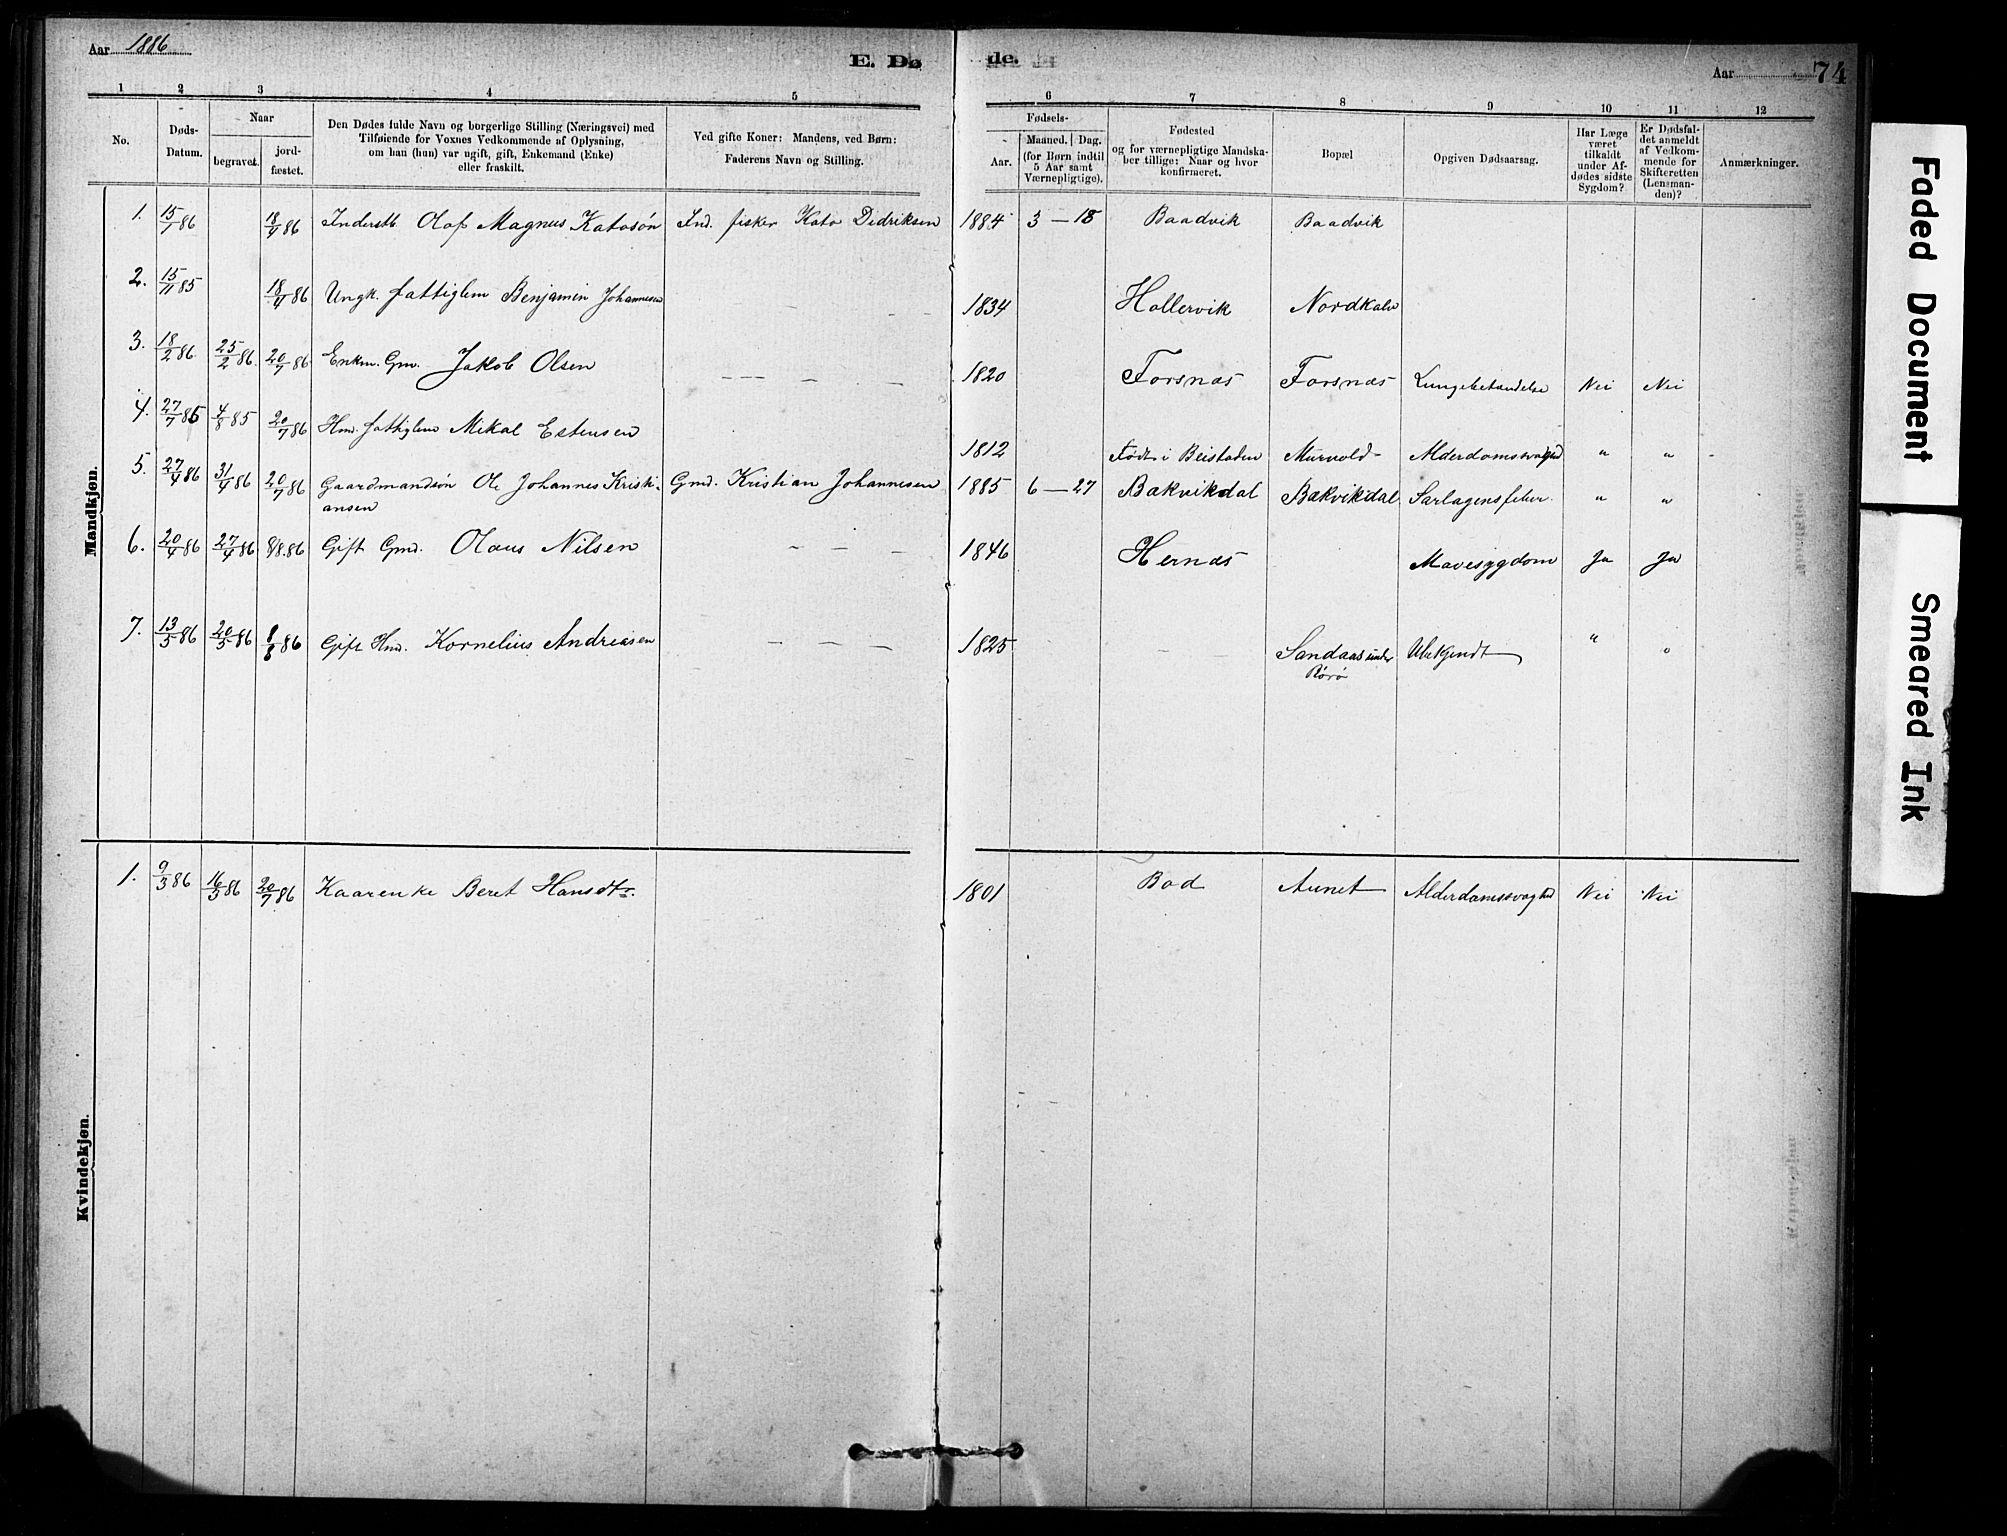 SAT, Ministerialprotokoller, klokkerbøker og fødselsregistre - Sør-Trøndelag, 635/L0551: Ministerialbok nr. 635A01, 1882-1899, s. 74